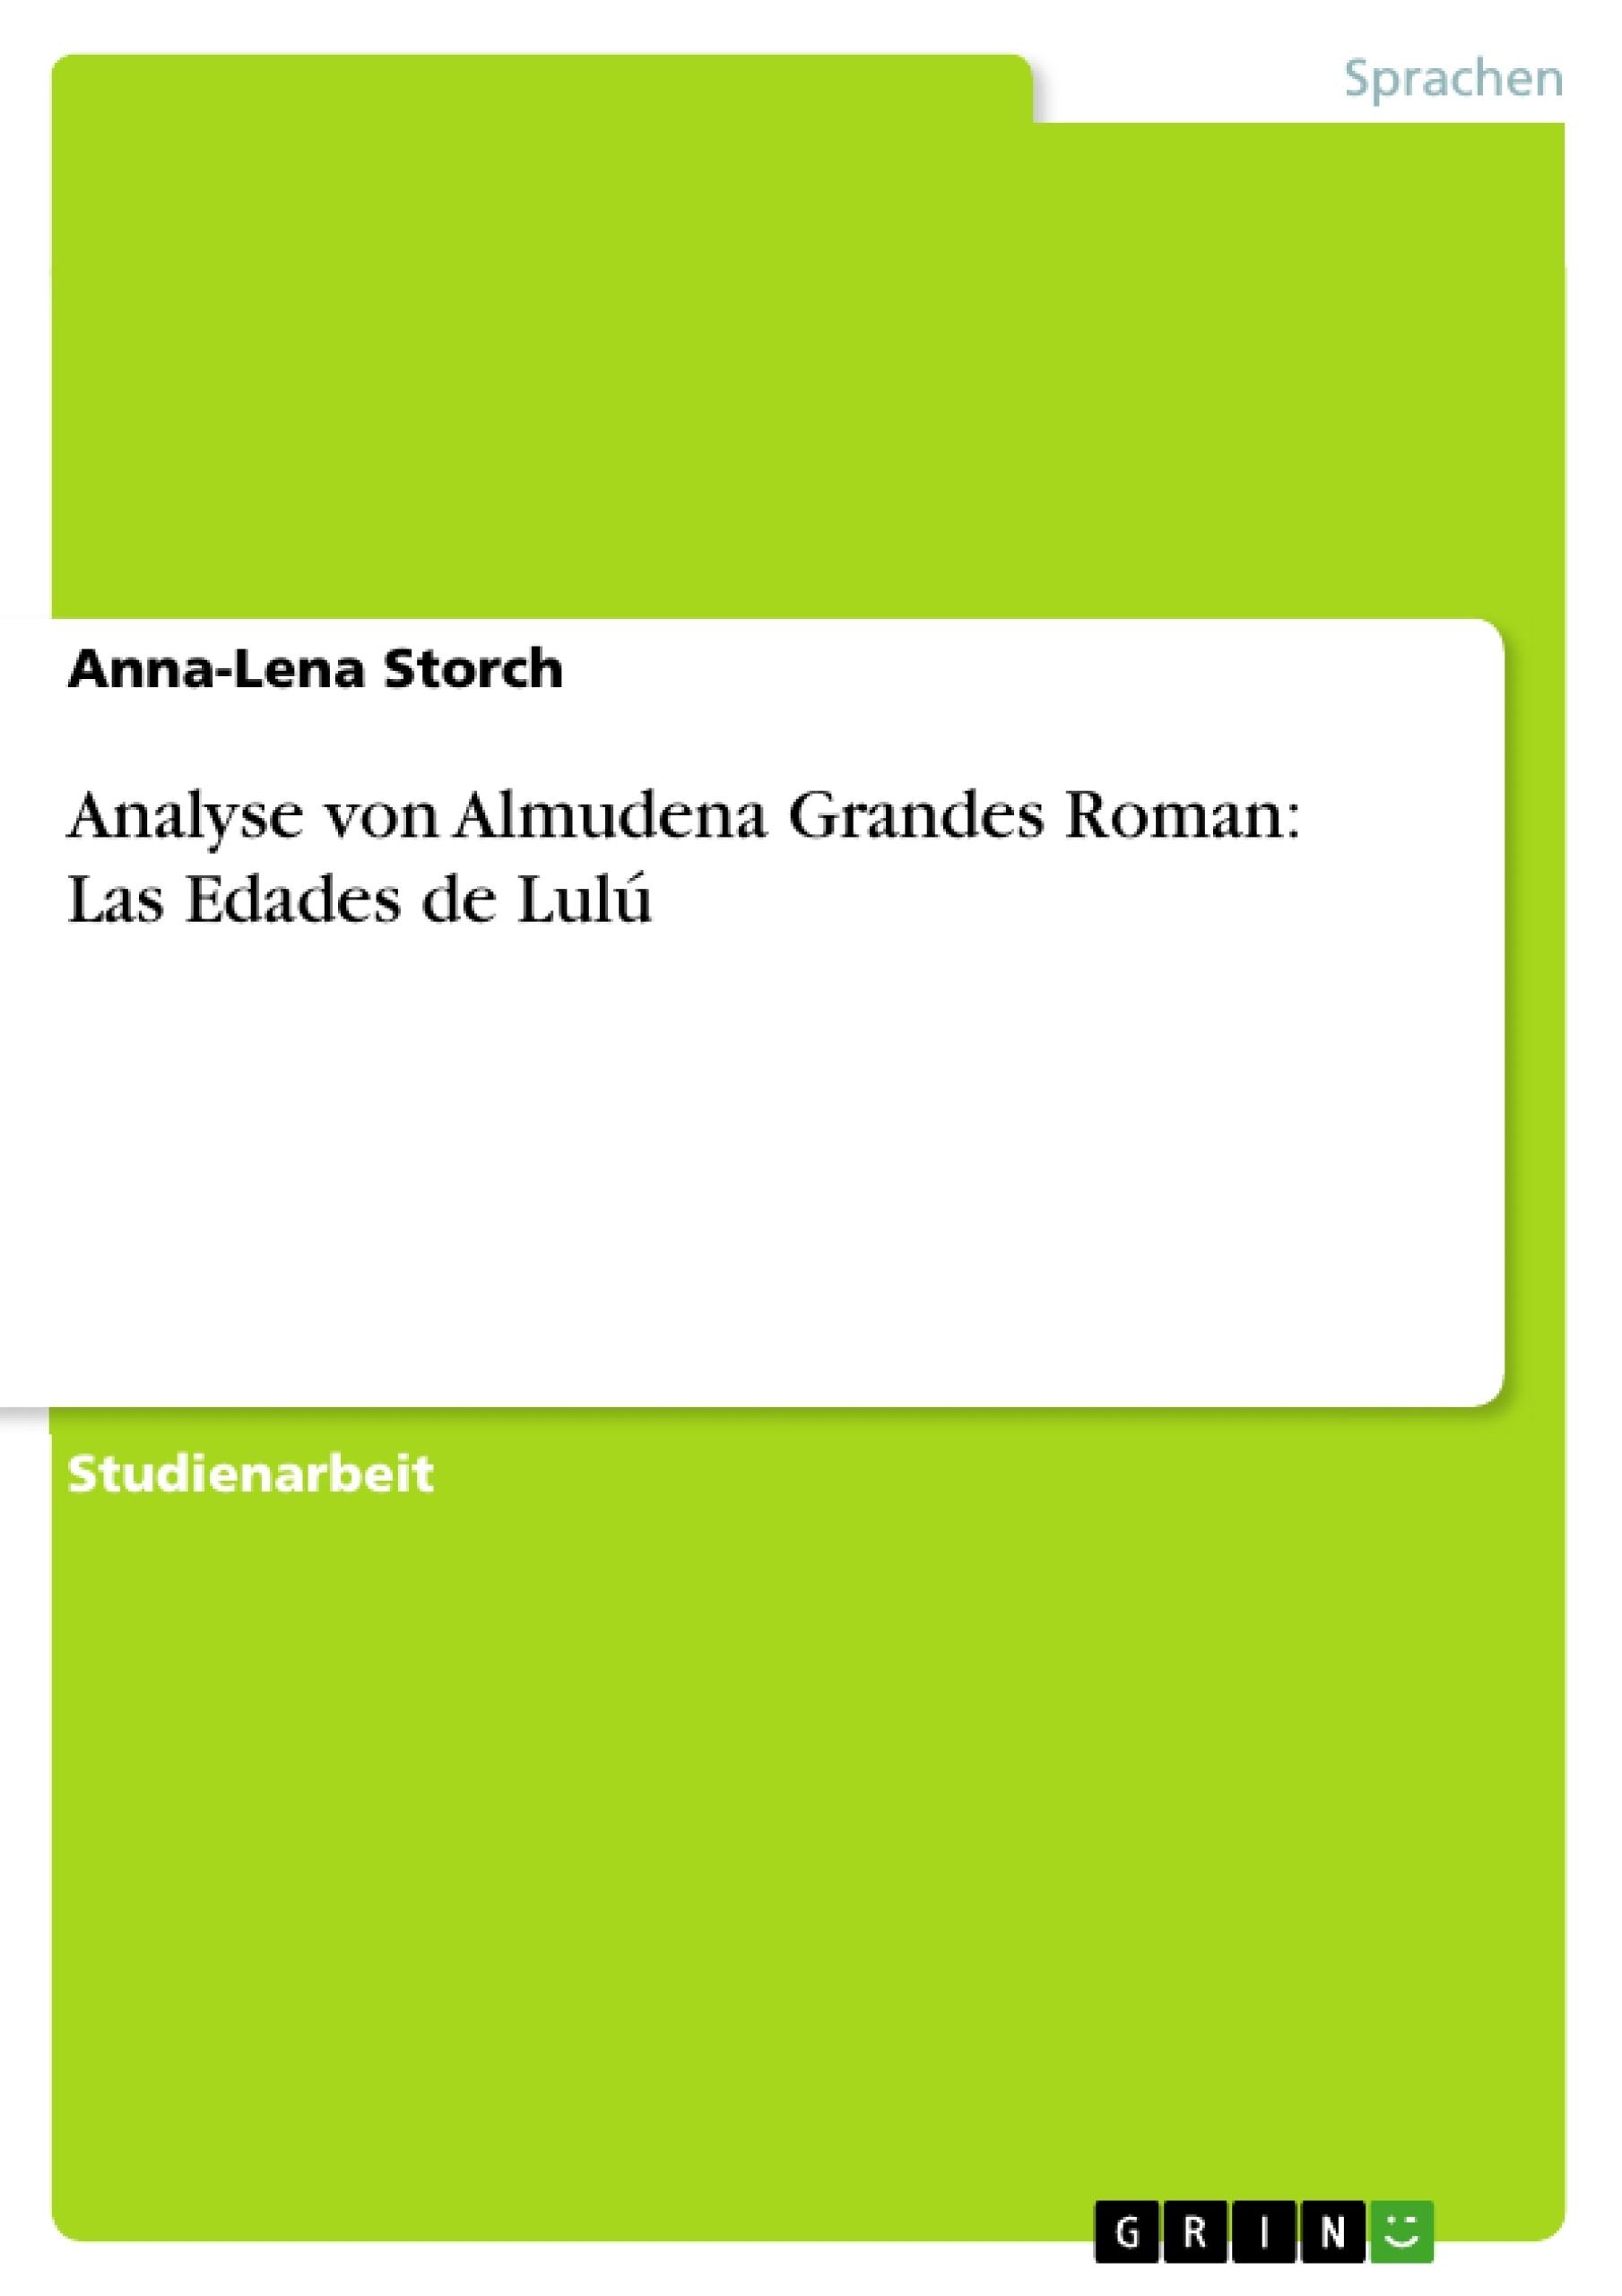 Titel: Analyse von Almudena Grandes Roman: Las Edades de Lulú